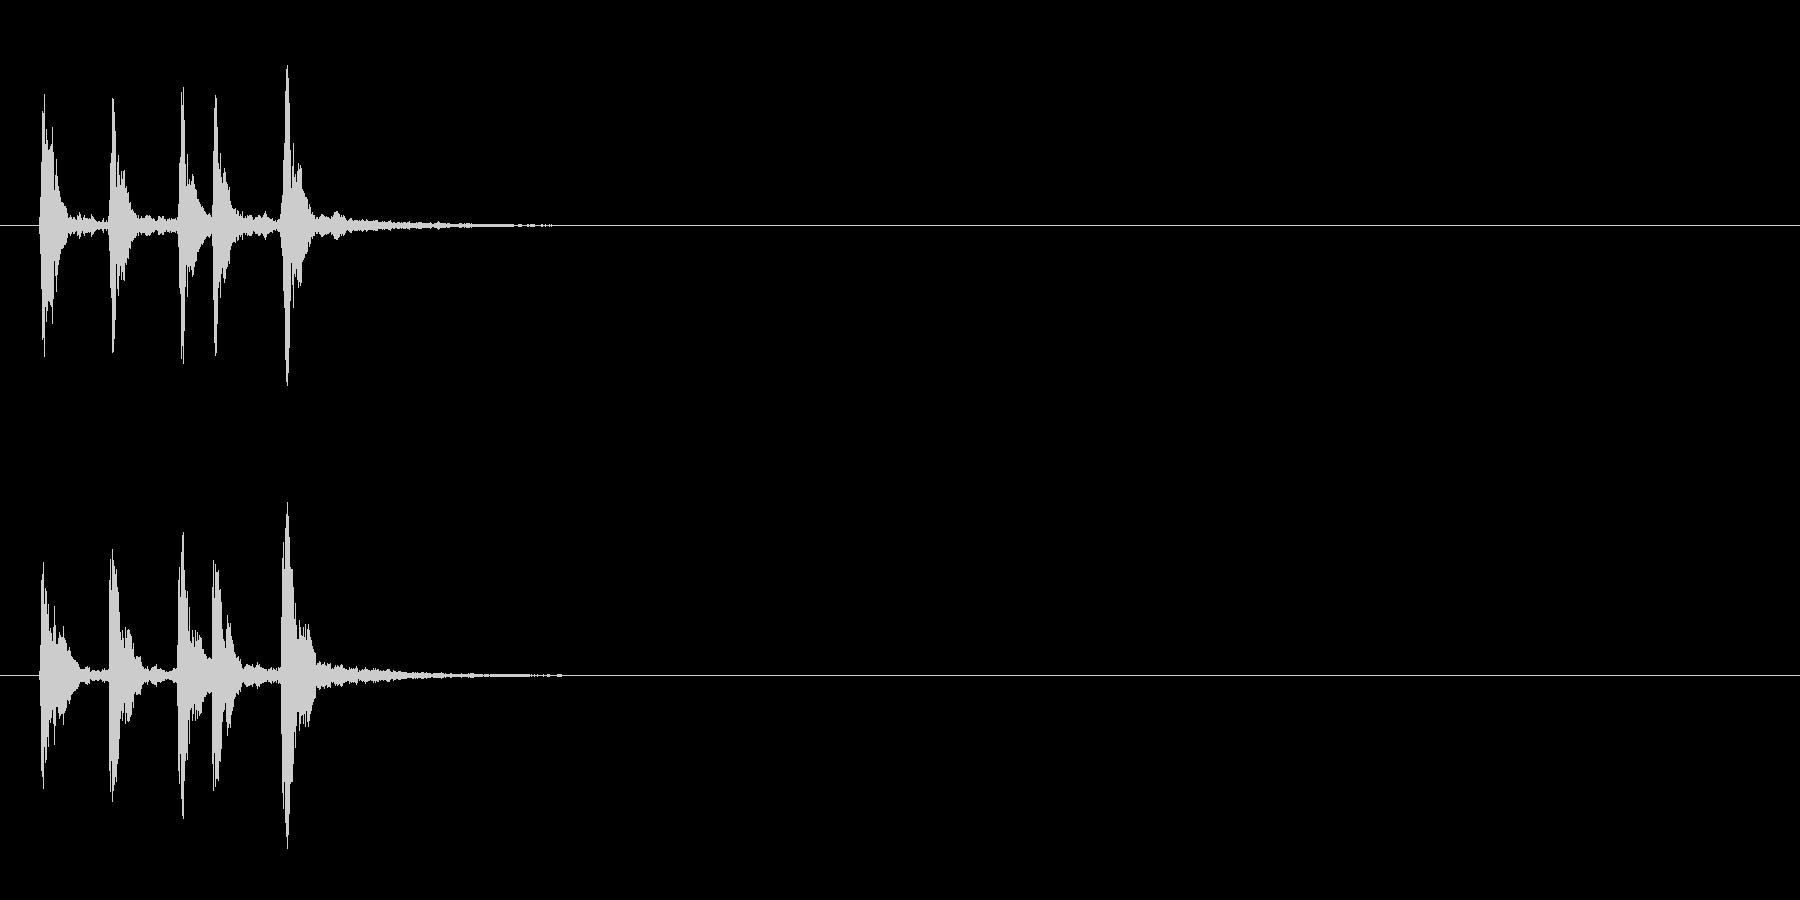 ピチカートを使ったサウンドロゴ、ジングルの未再生の波形